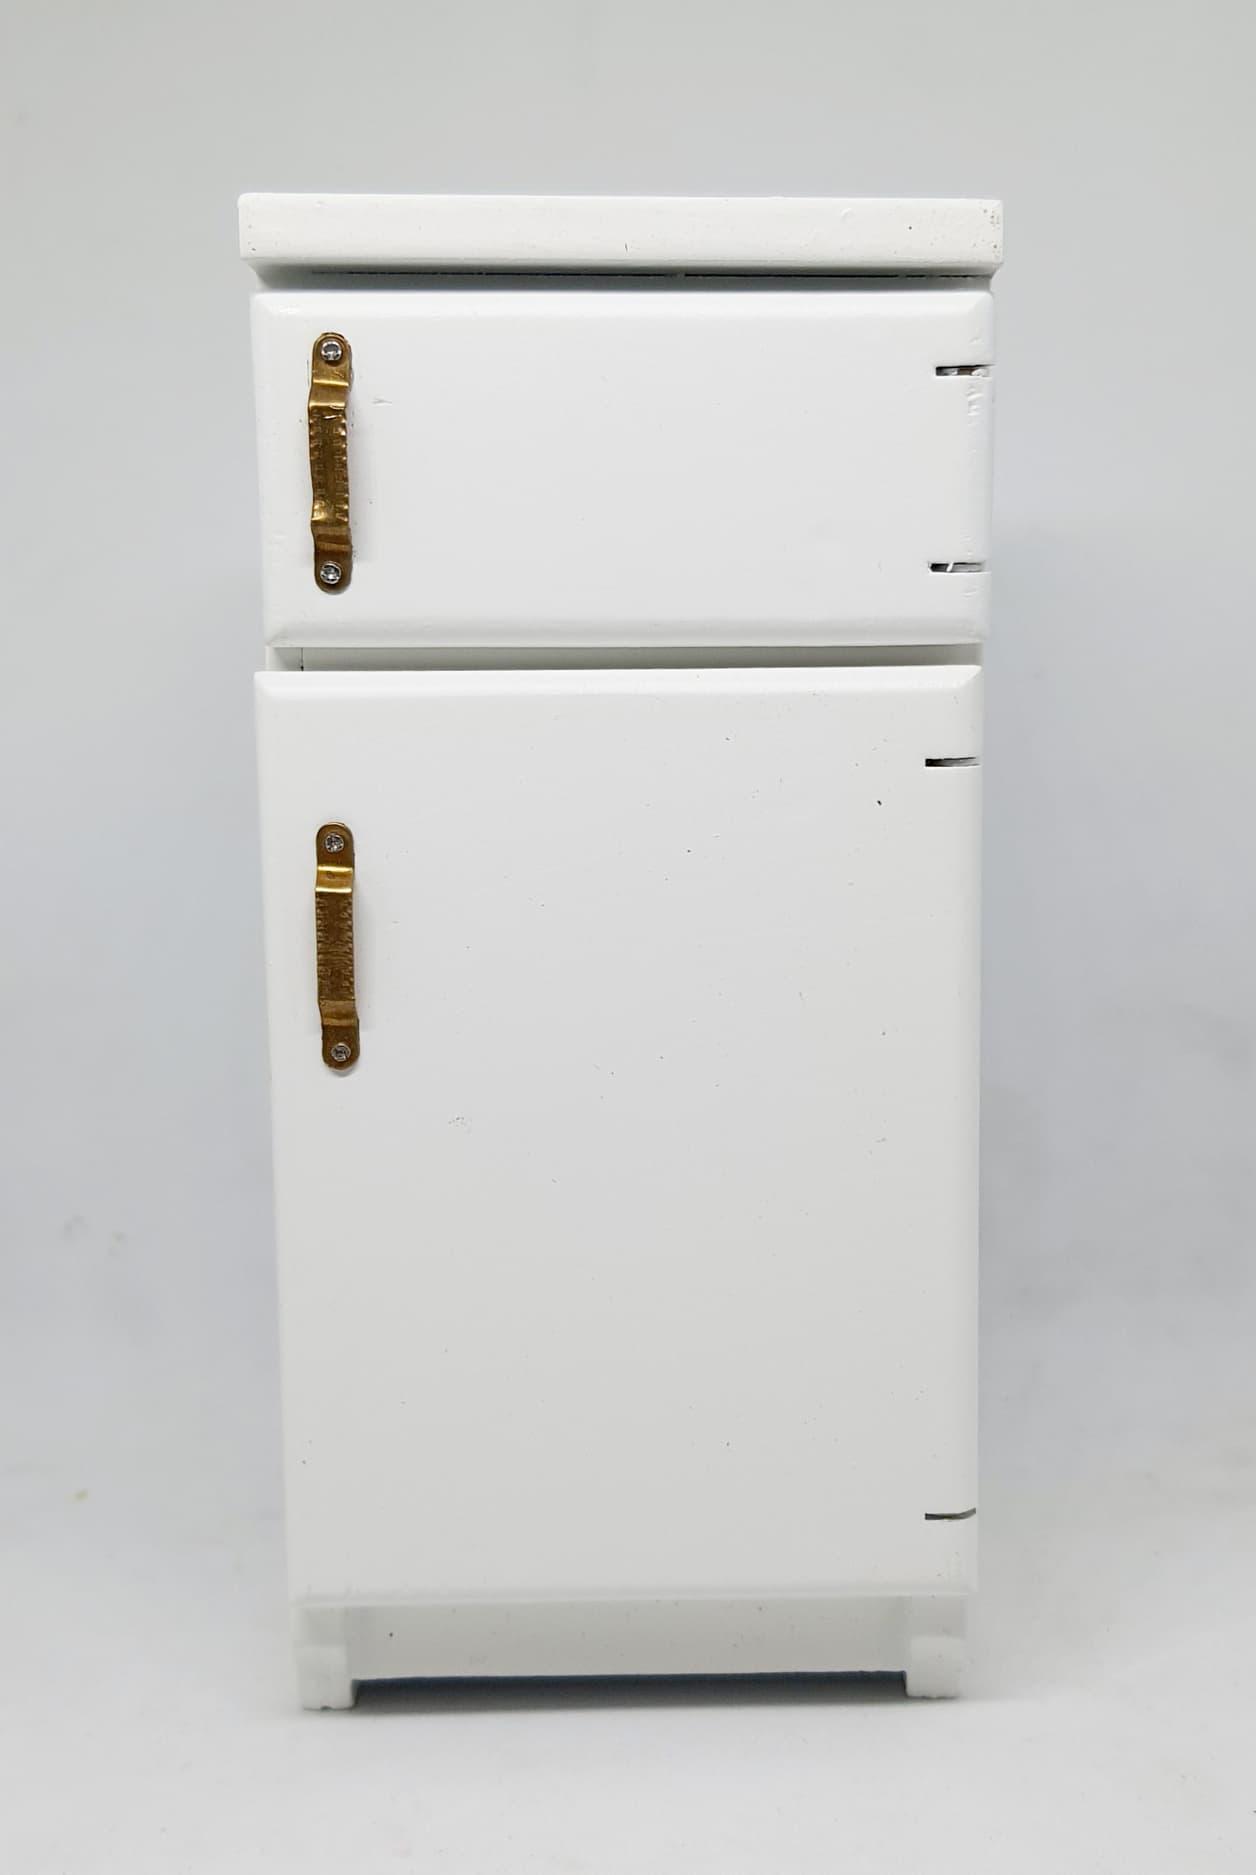 A052-ตู้เย็น2ประตูงานไม้ทำสี